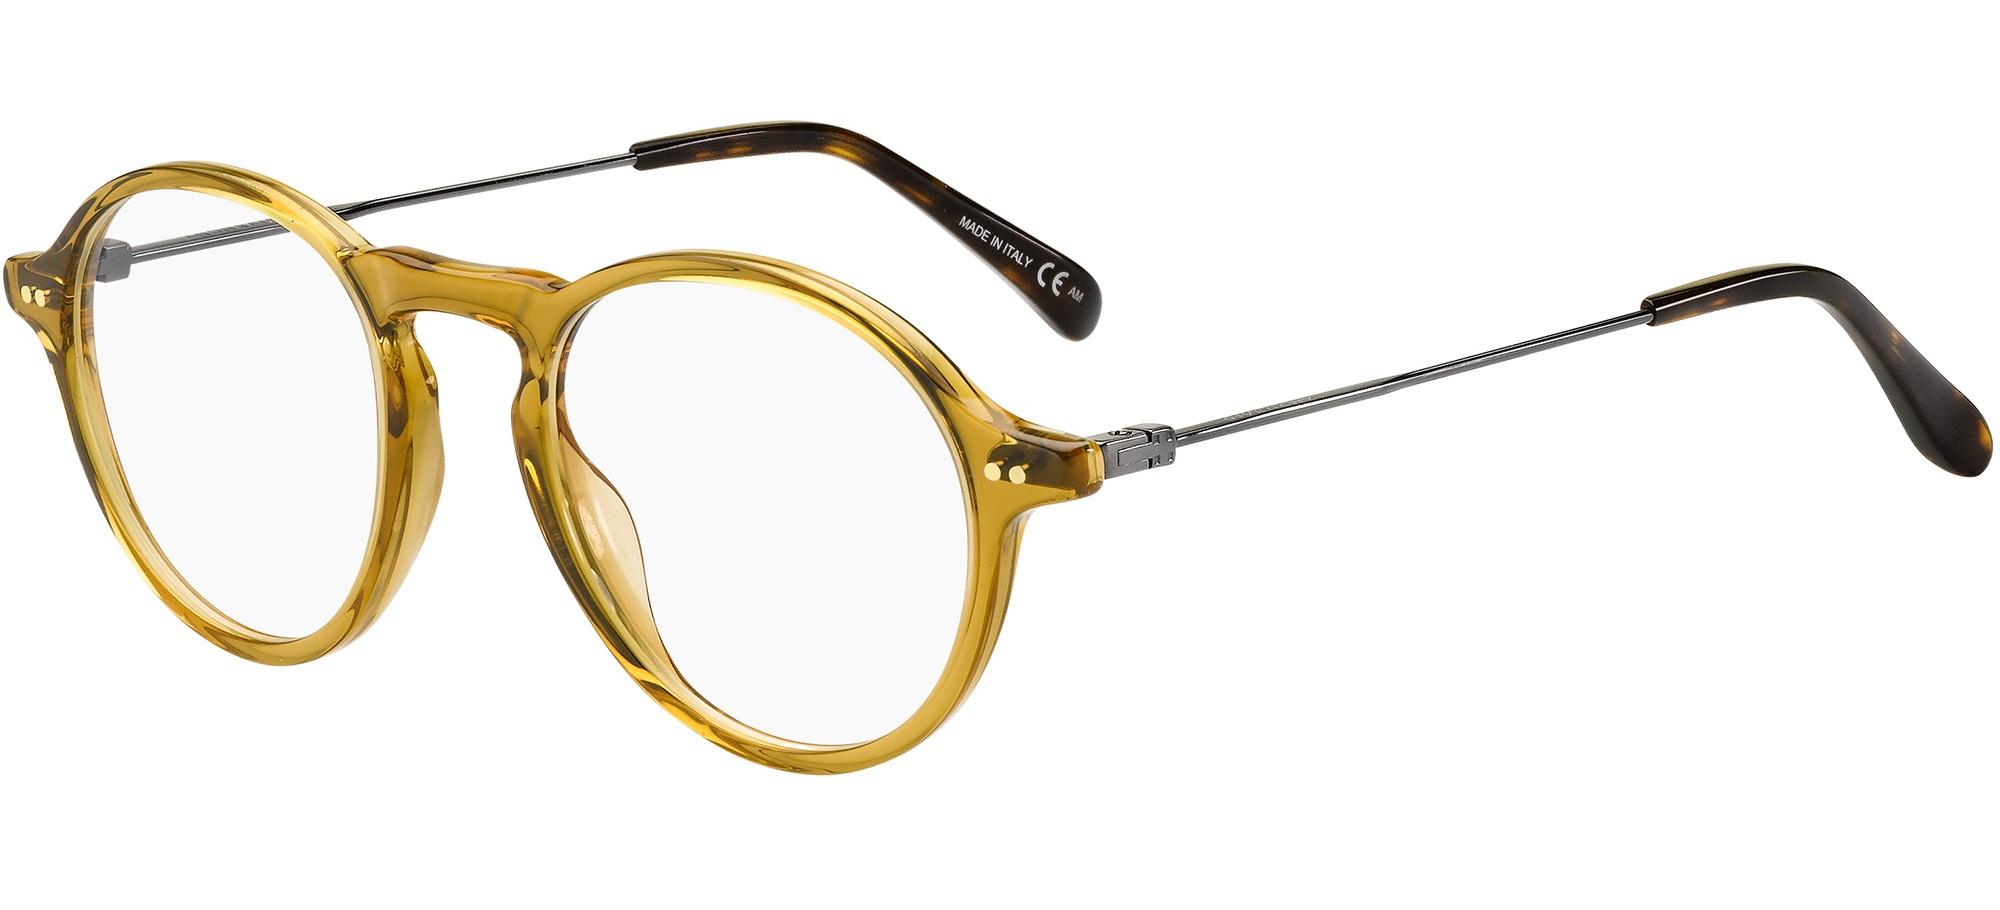 Givenchy eyeglasses GV 0100